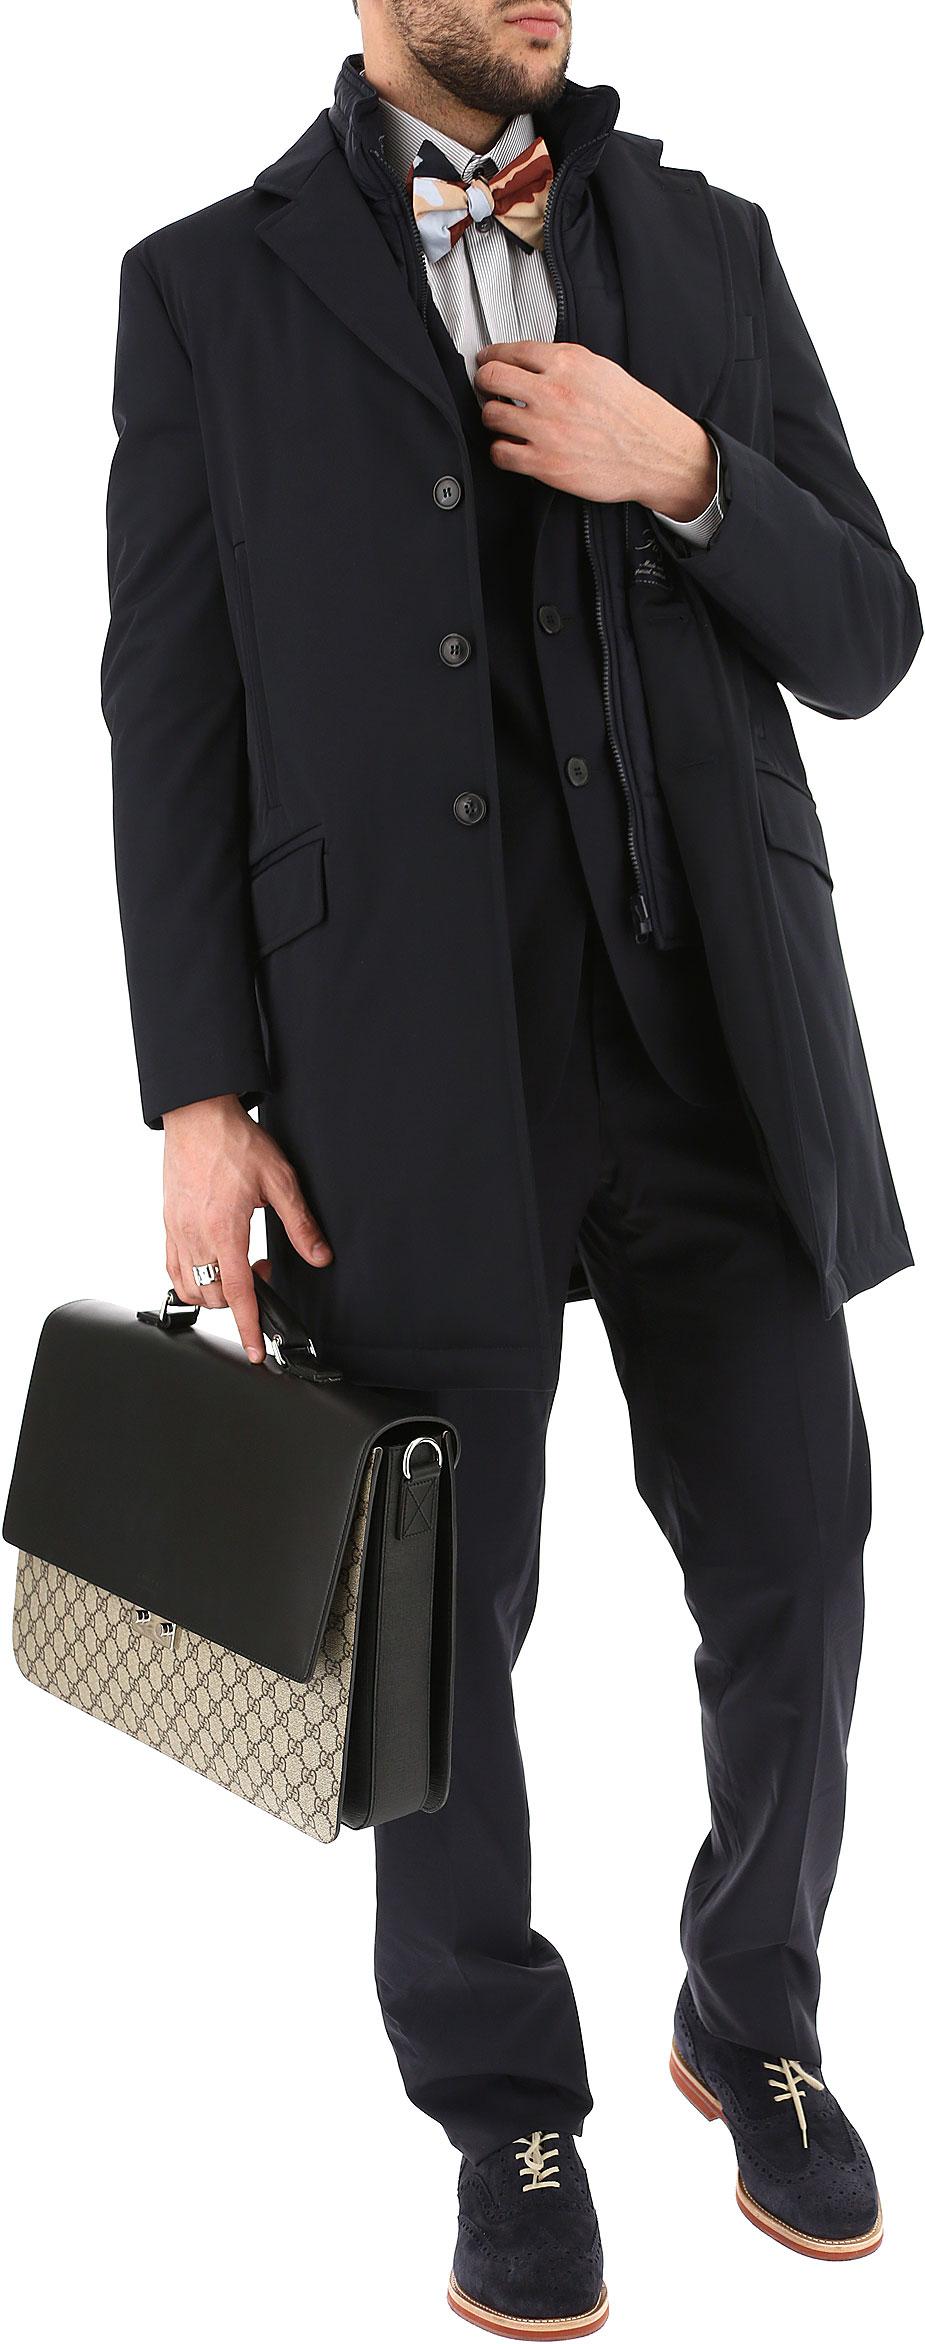 Abbigliamento Uomo Fay, Codice Articolo: nam5329168sclru807-clru807-B52